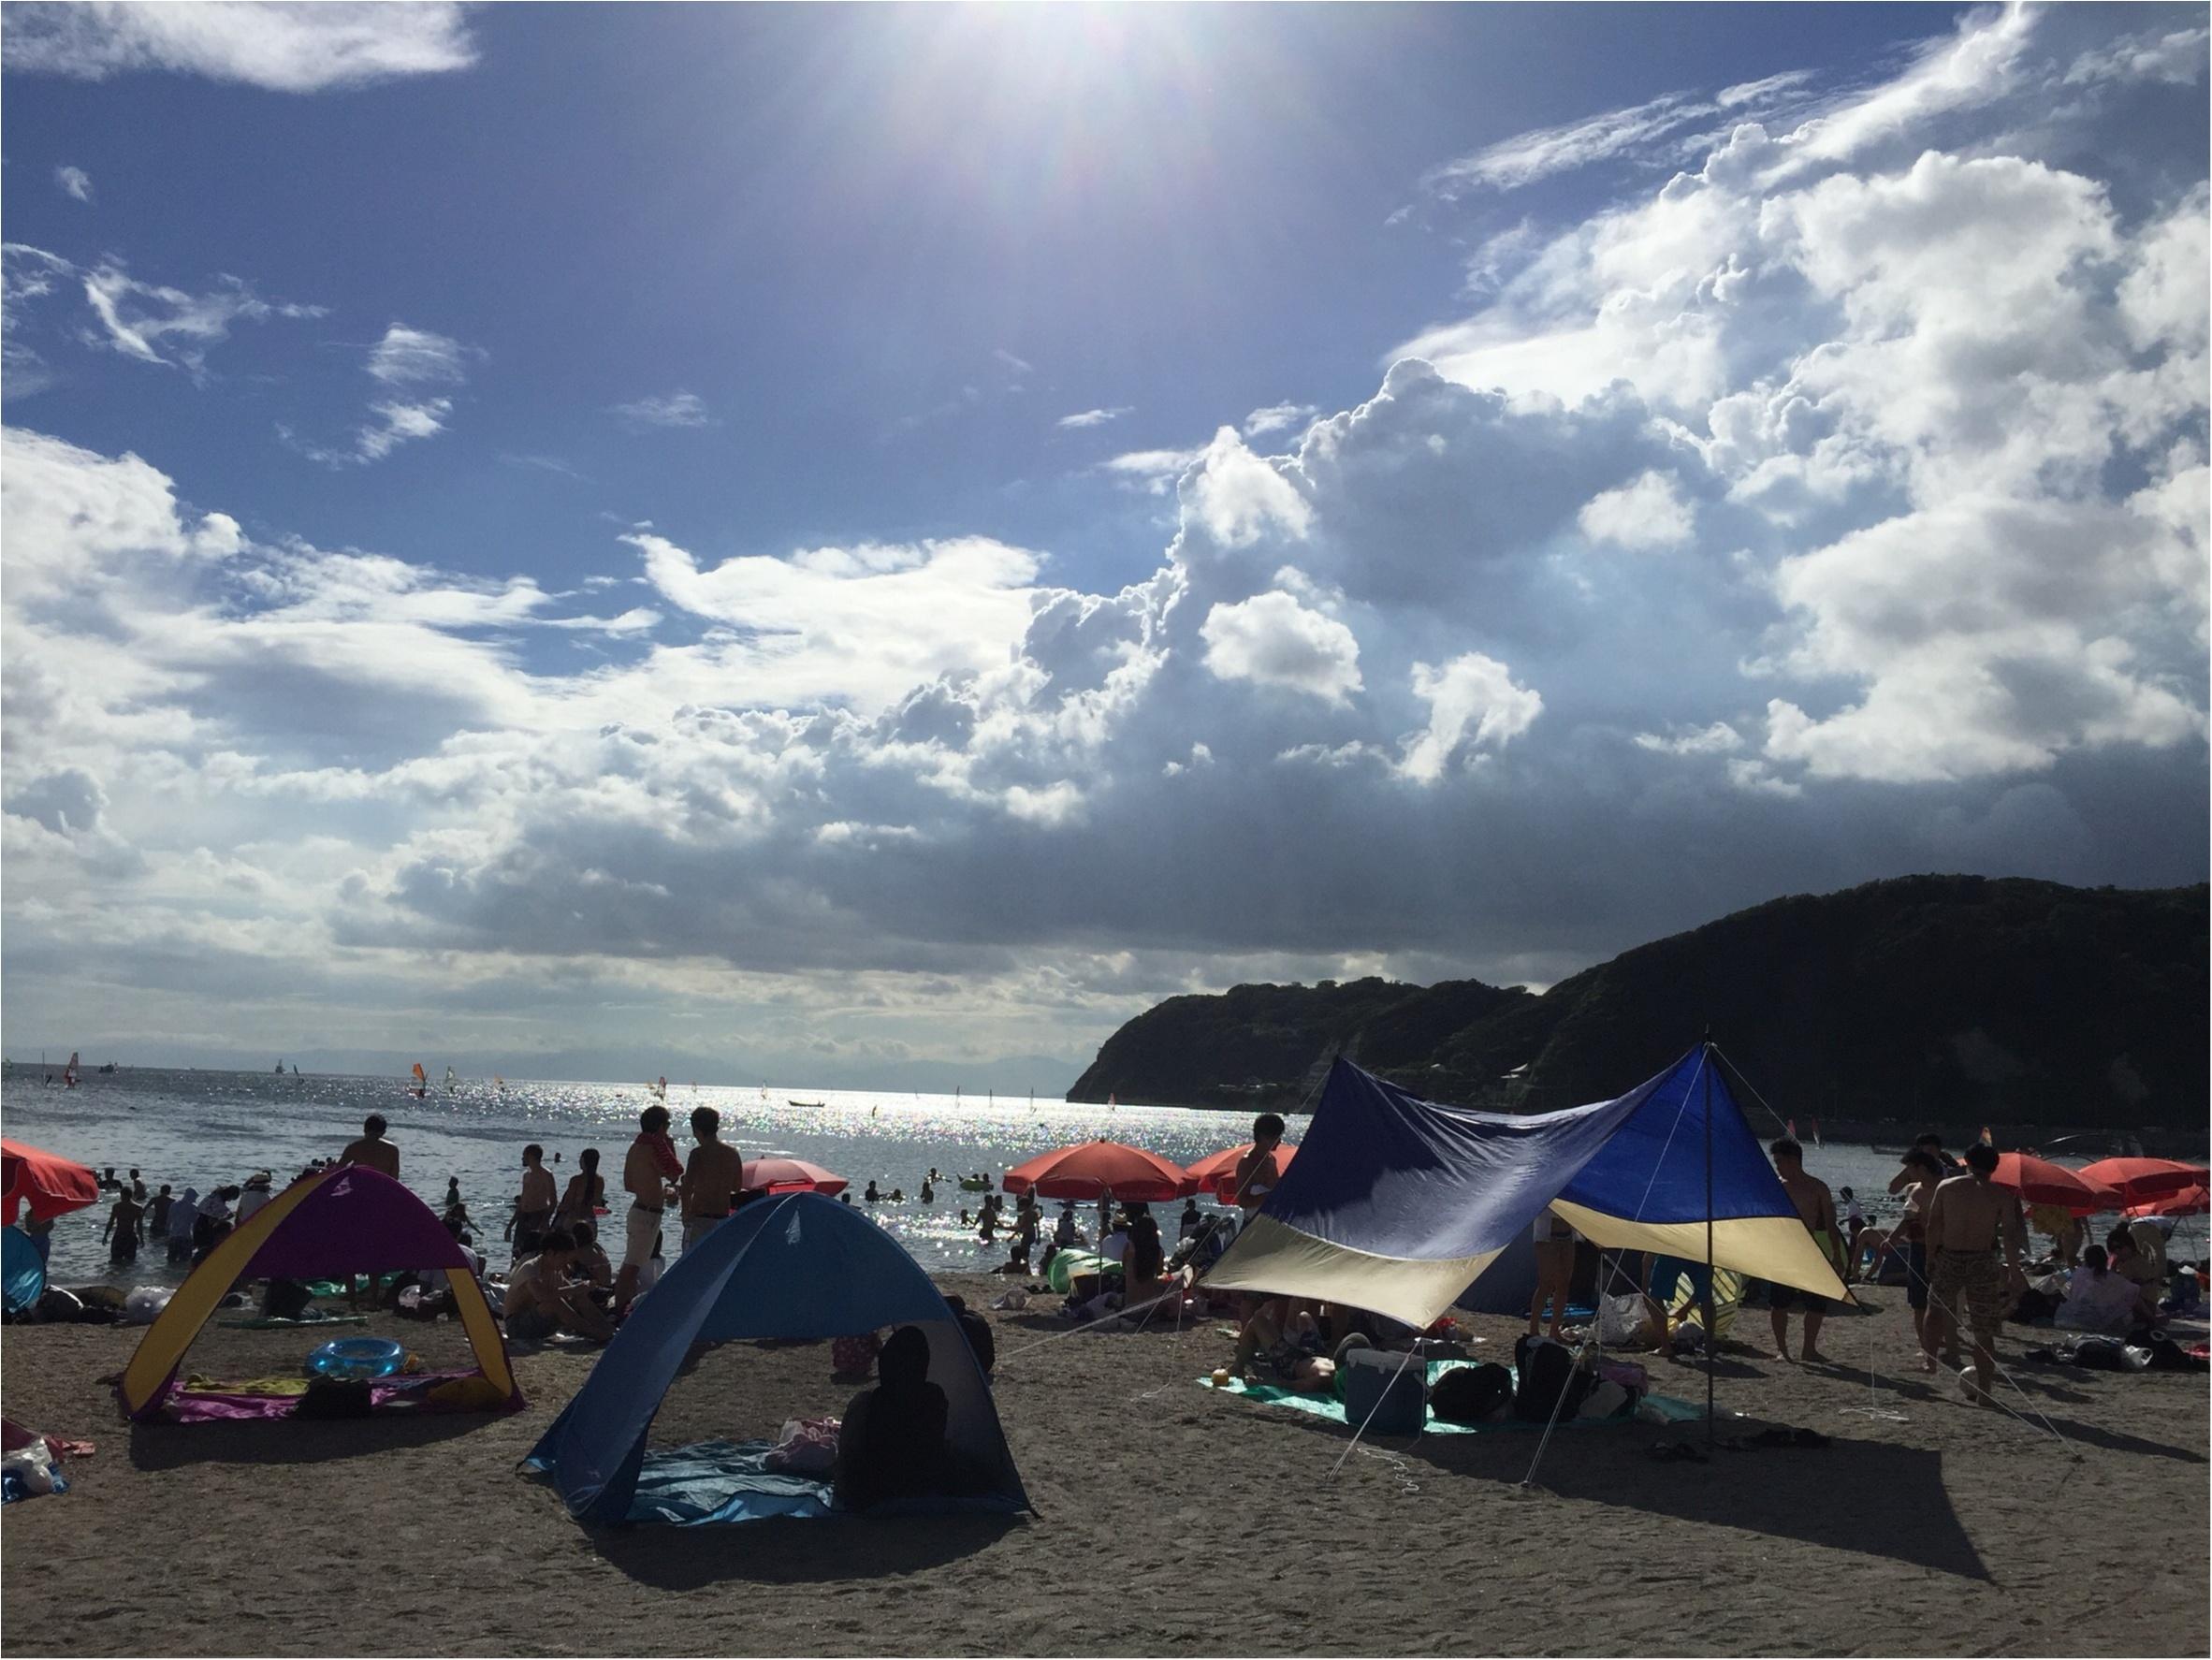 この夏最後の思い出作りに♪《手ぶらBBQができる海の家》がおすすめ☆_9